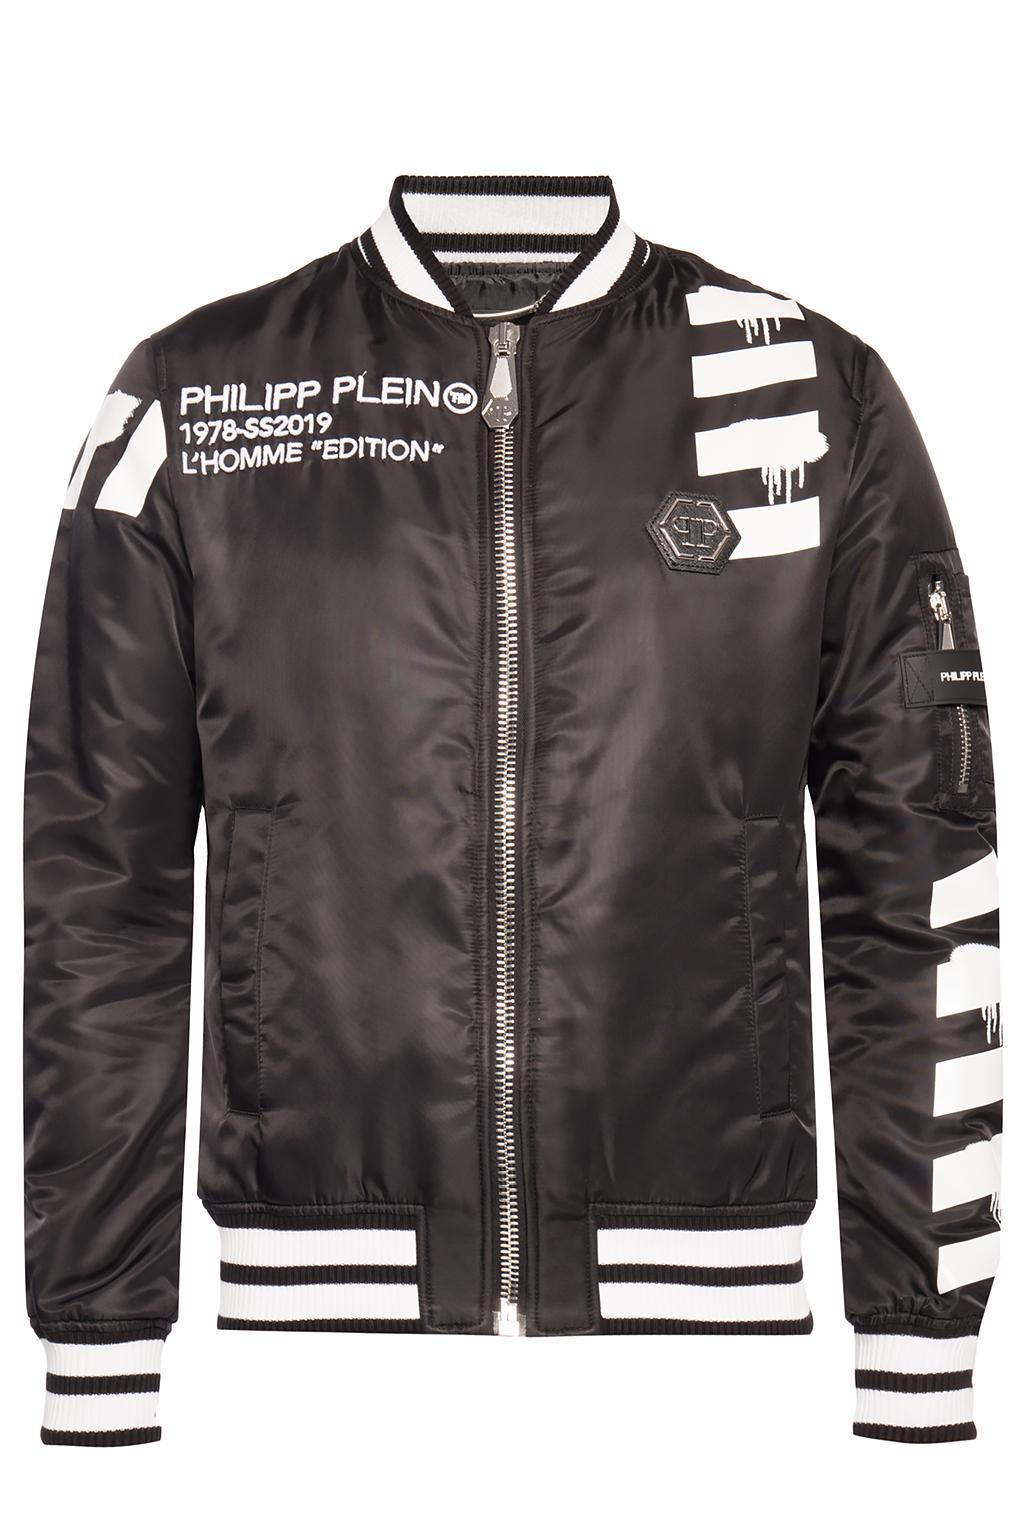 b56ed1f4e08 Philipp Plein Bomber Jacket in Black for Men - Lyst